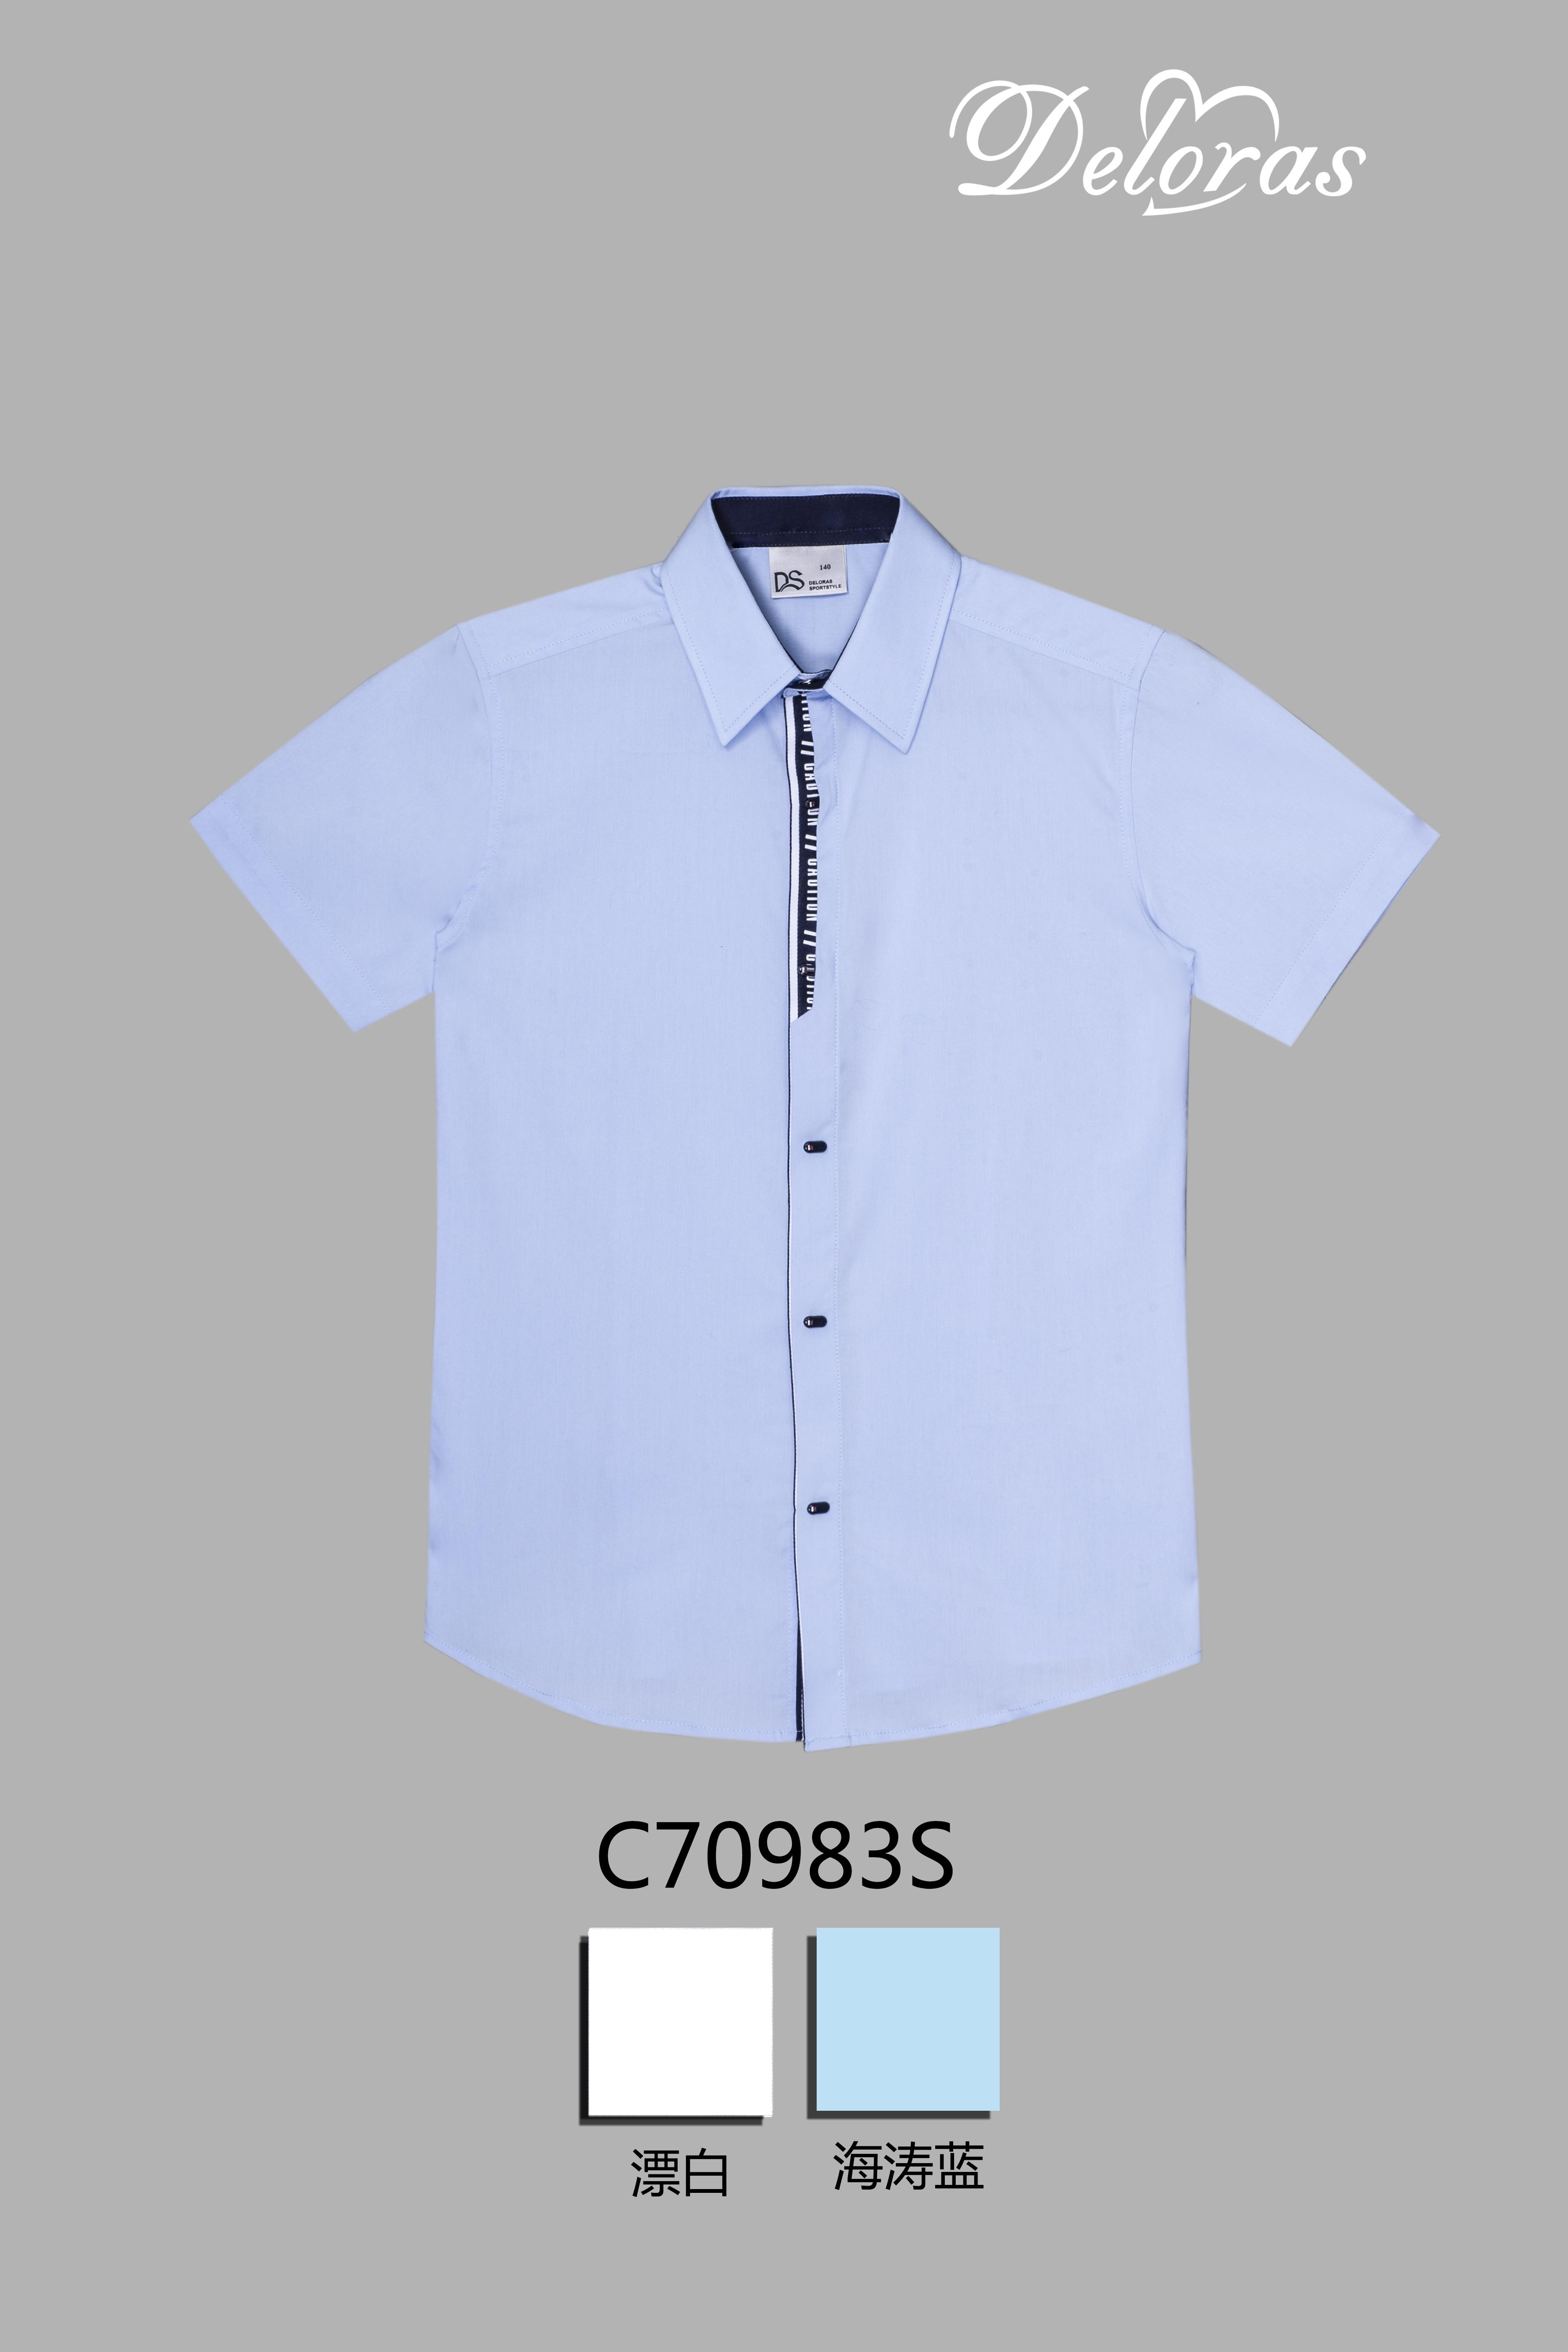 Рубашка для мальчика YSDL70983S